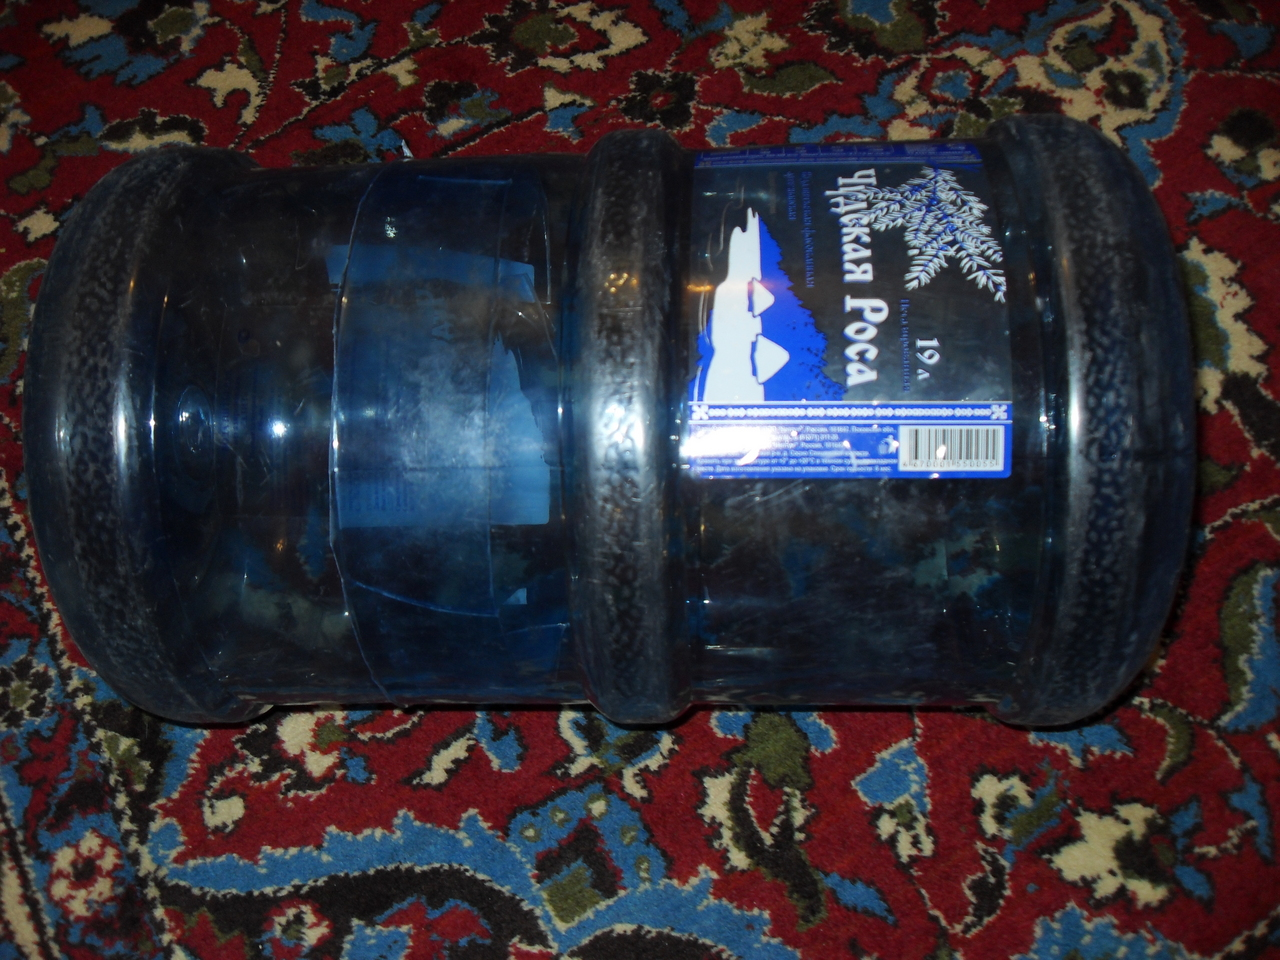 Пуфик из двух 5л-бутылок